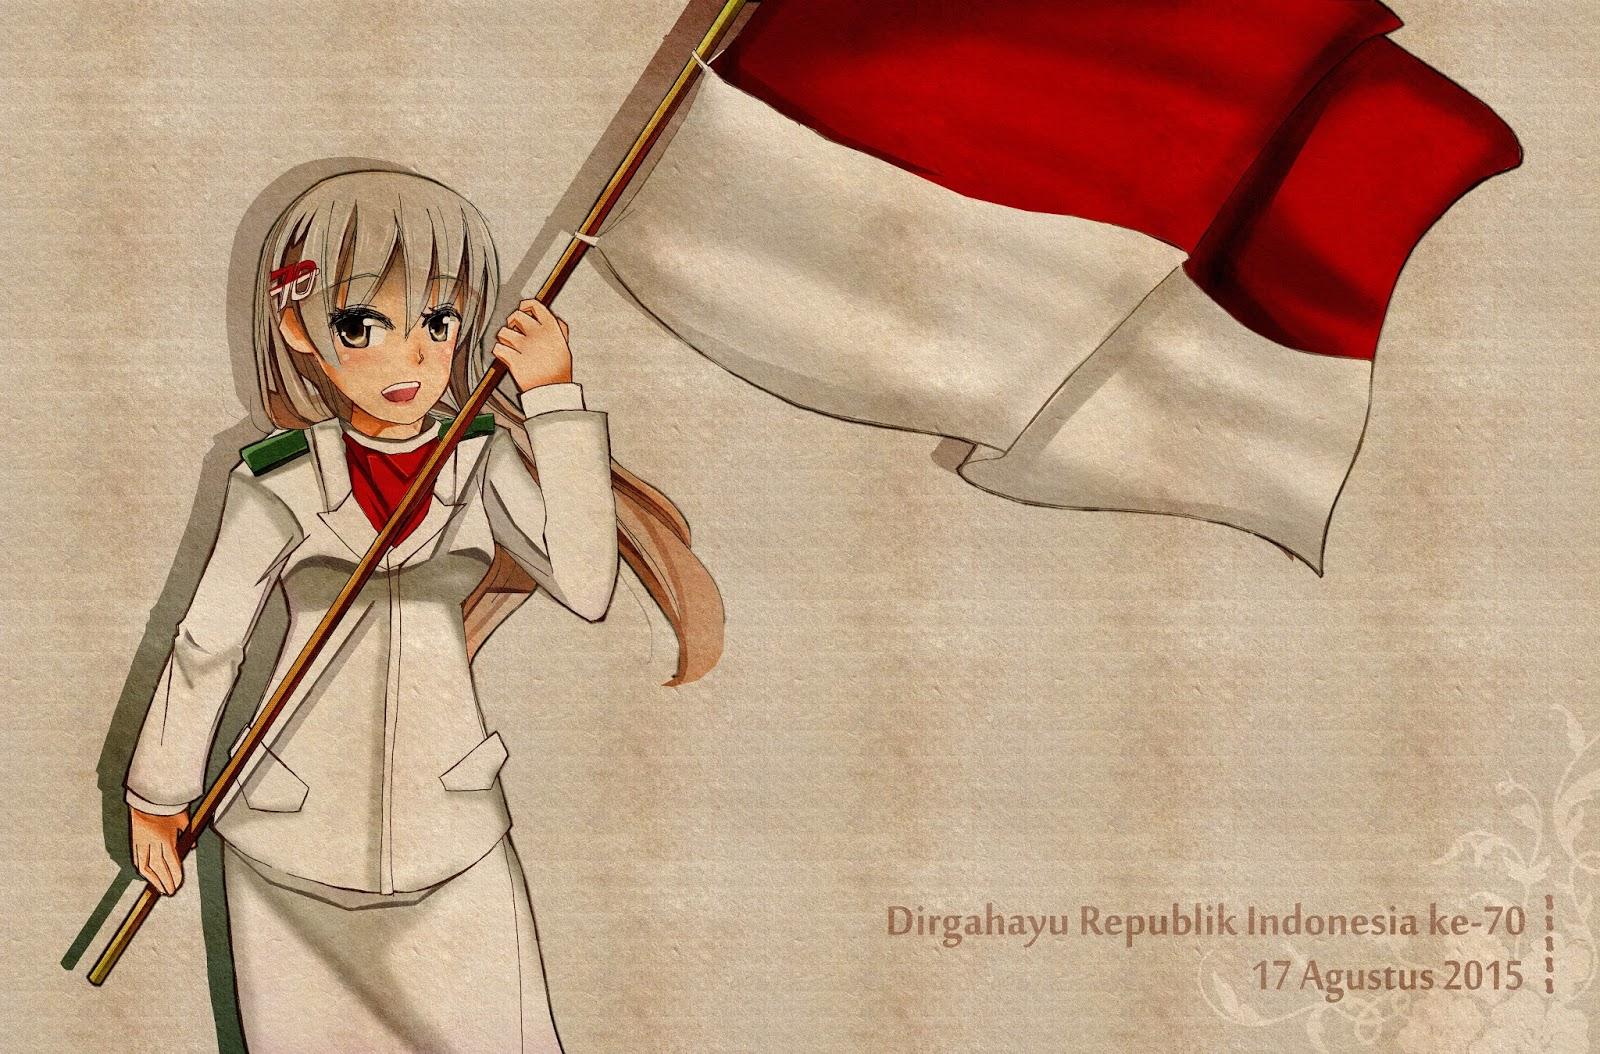 Dirgahayu Republik Indonesia Ke-70